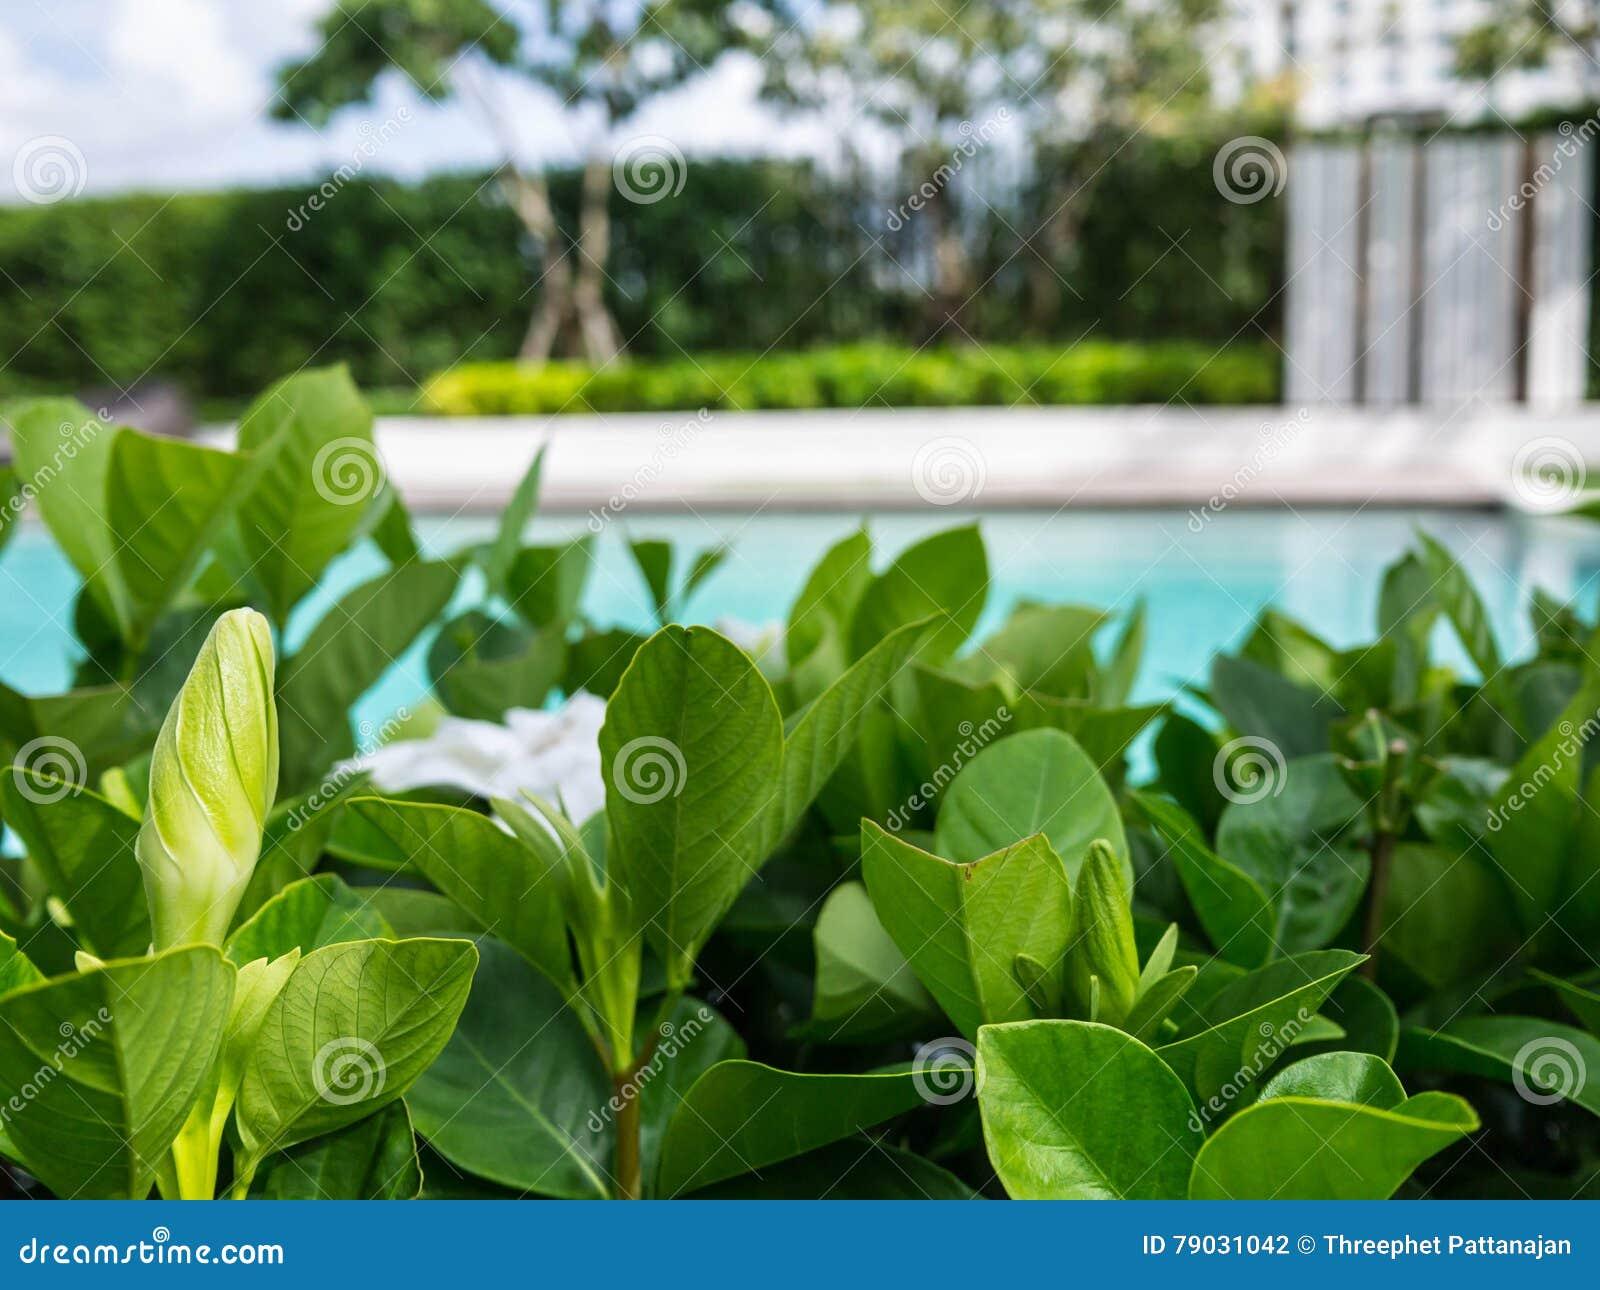 Rilassi in bei giardino e stagno fotografia stock for Stagno giardino